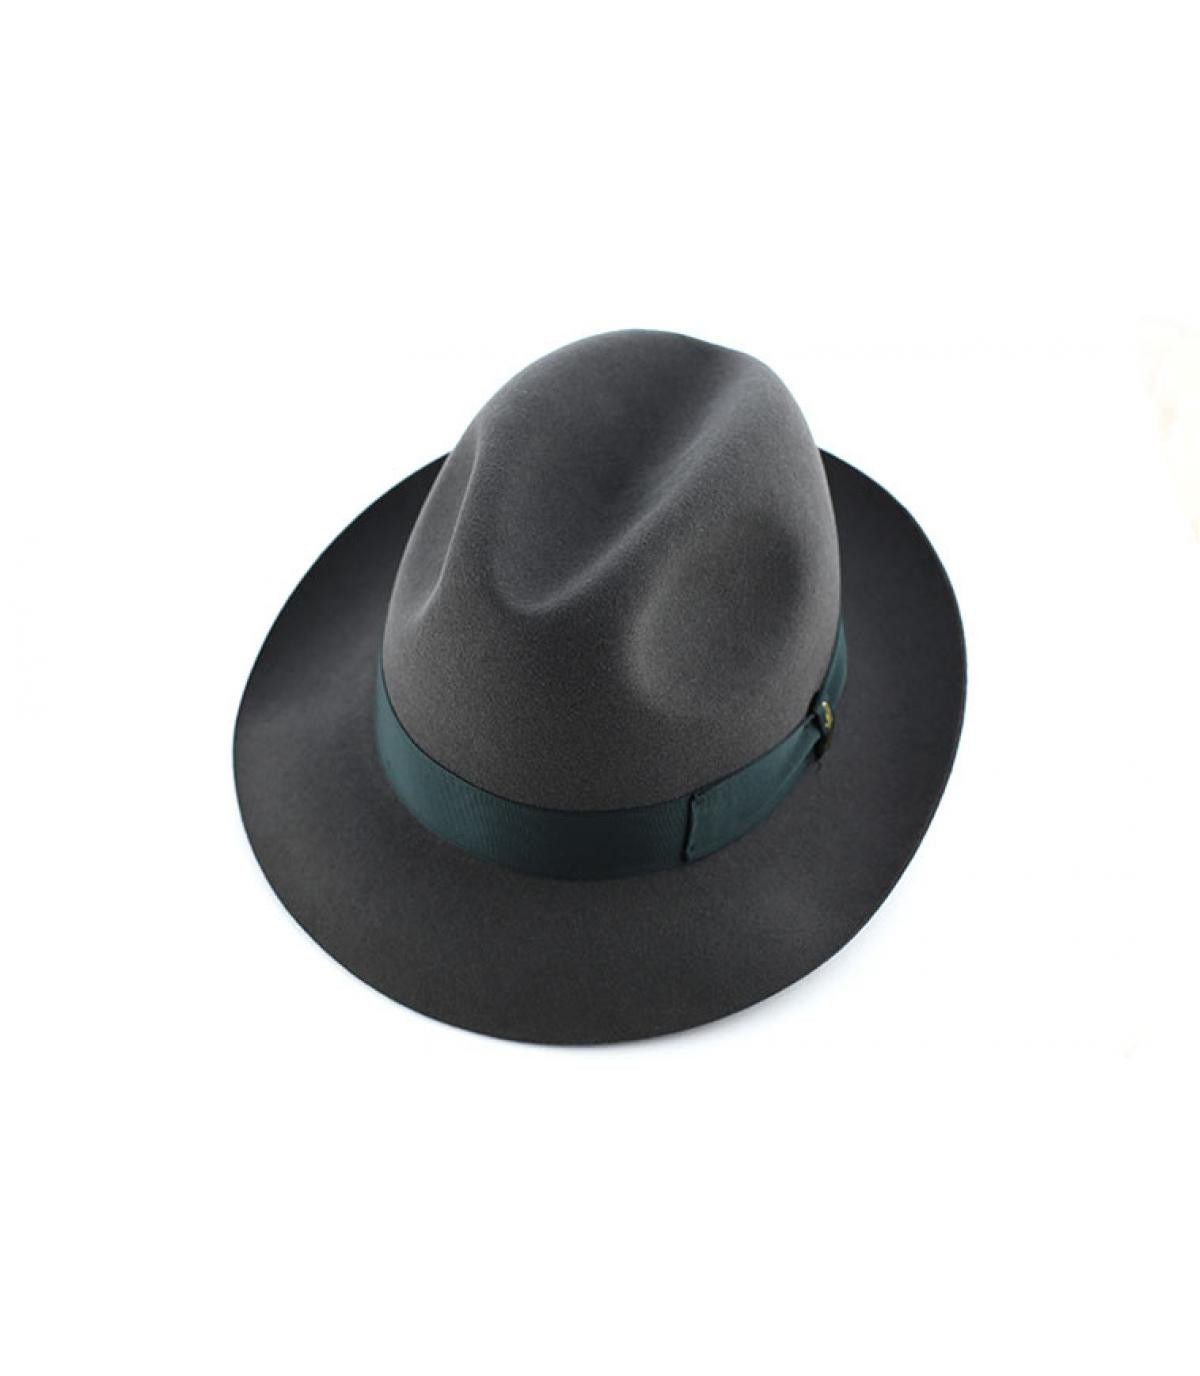 Détails Marengo grey fur felt hat - image 3